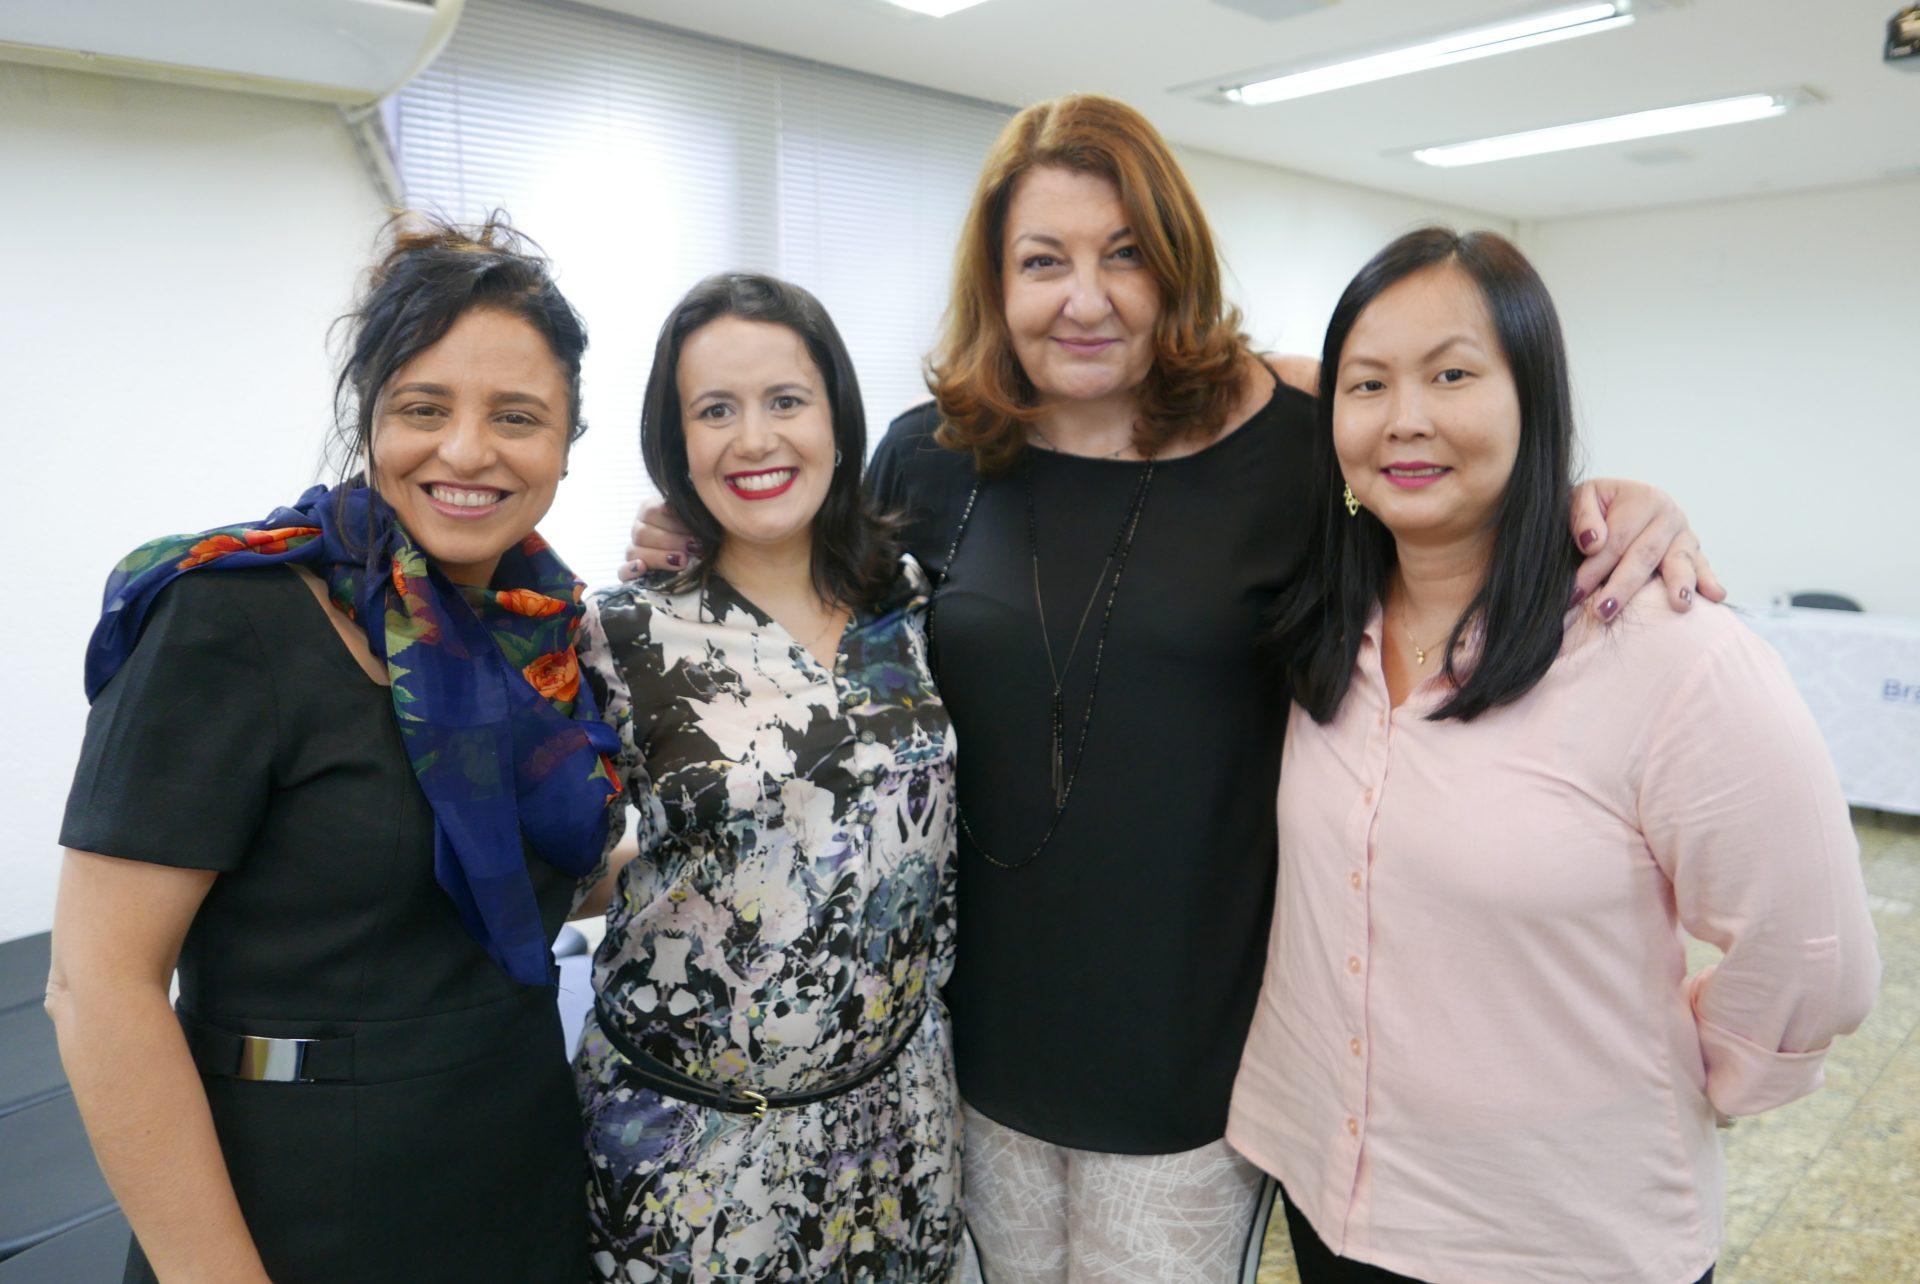 Monica Samia + Juliana Assumpção + Magda Nassar + Aline Haranaka = Braztoa e Aviesp em parceria para o Encontro Braztoa e Aviesp 2018